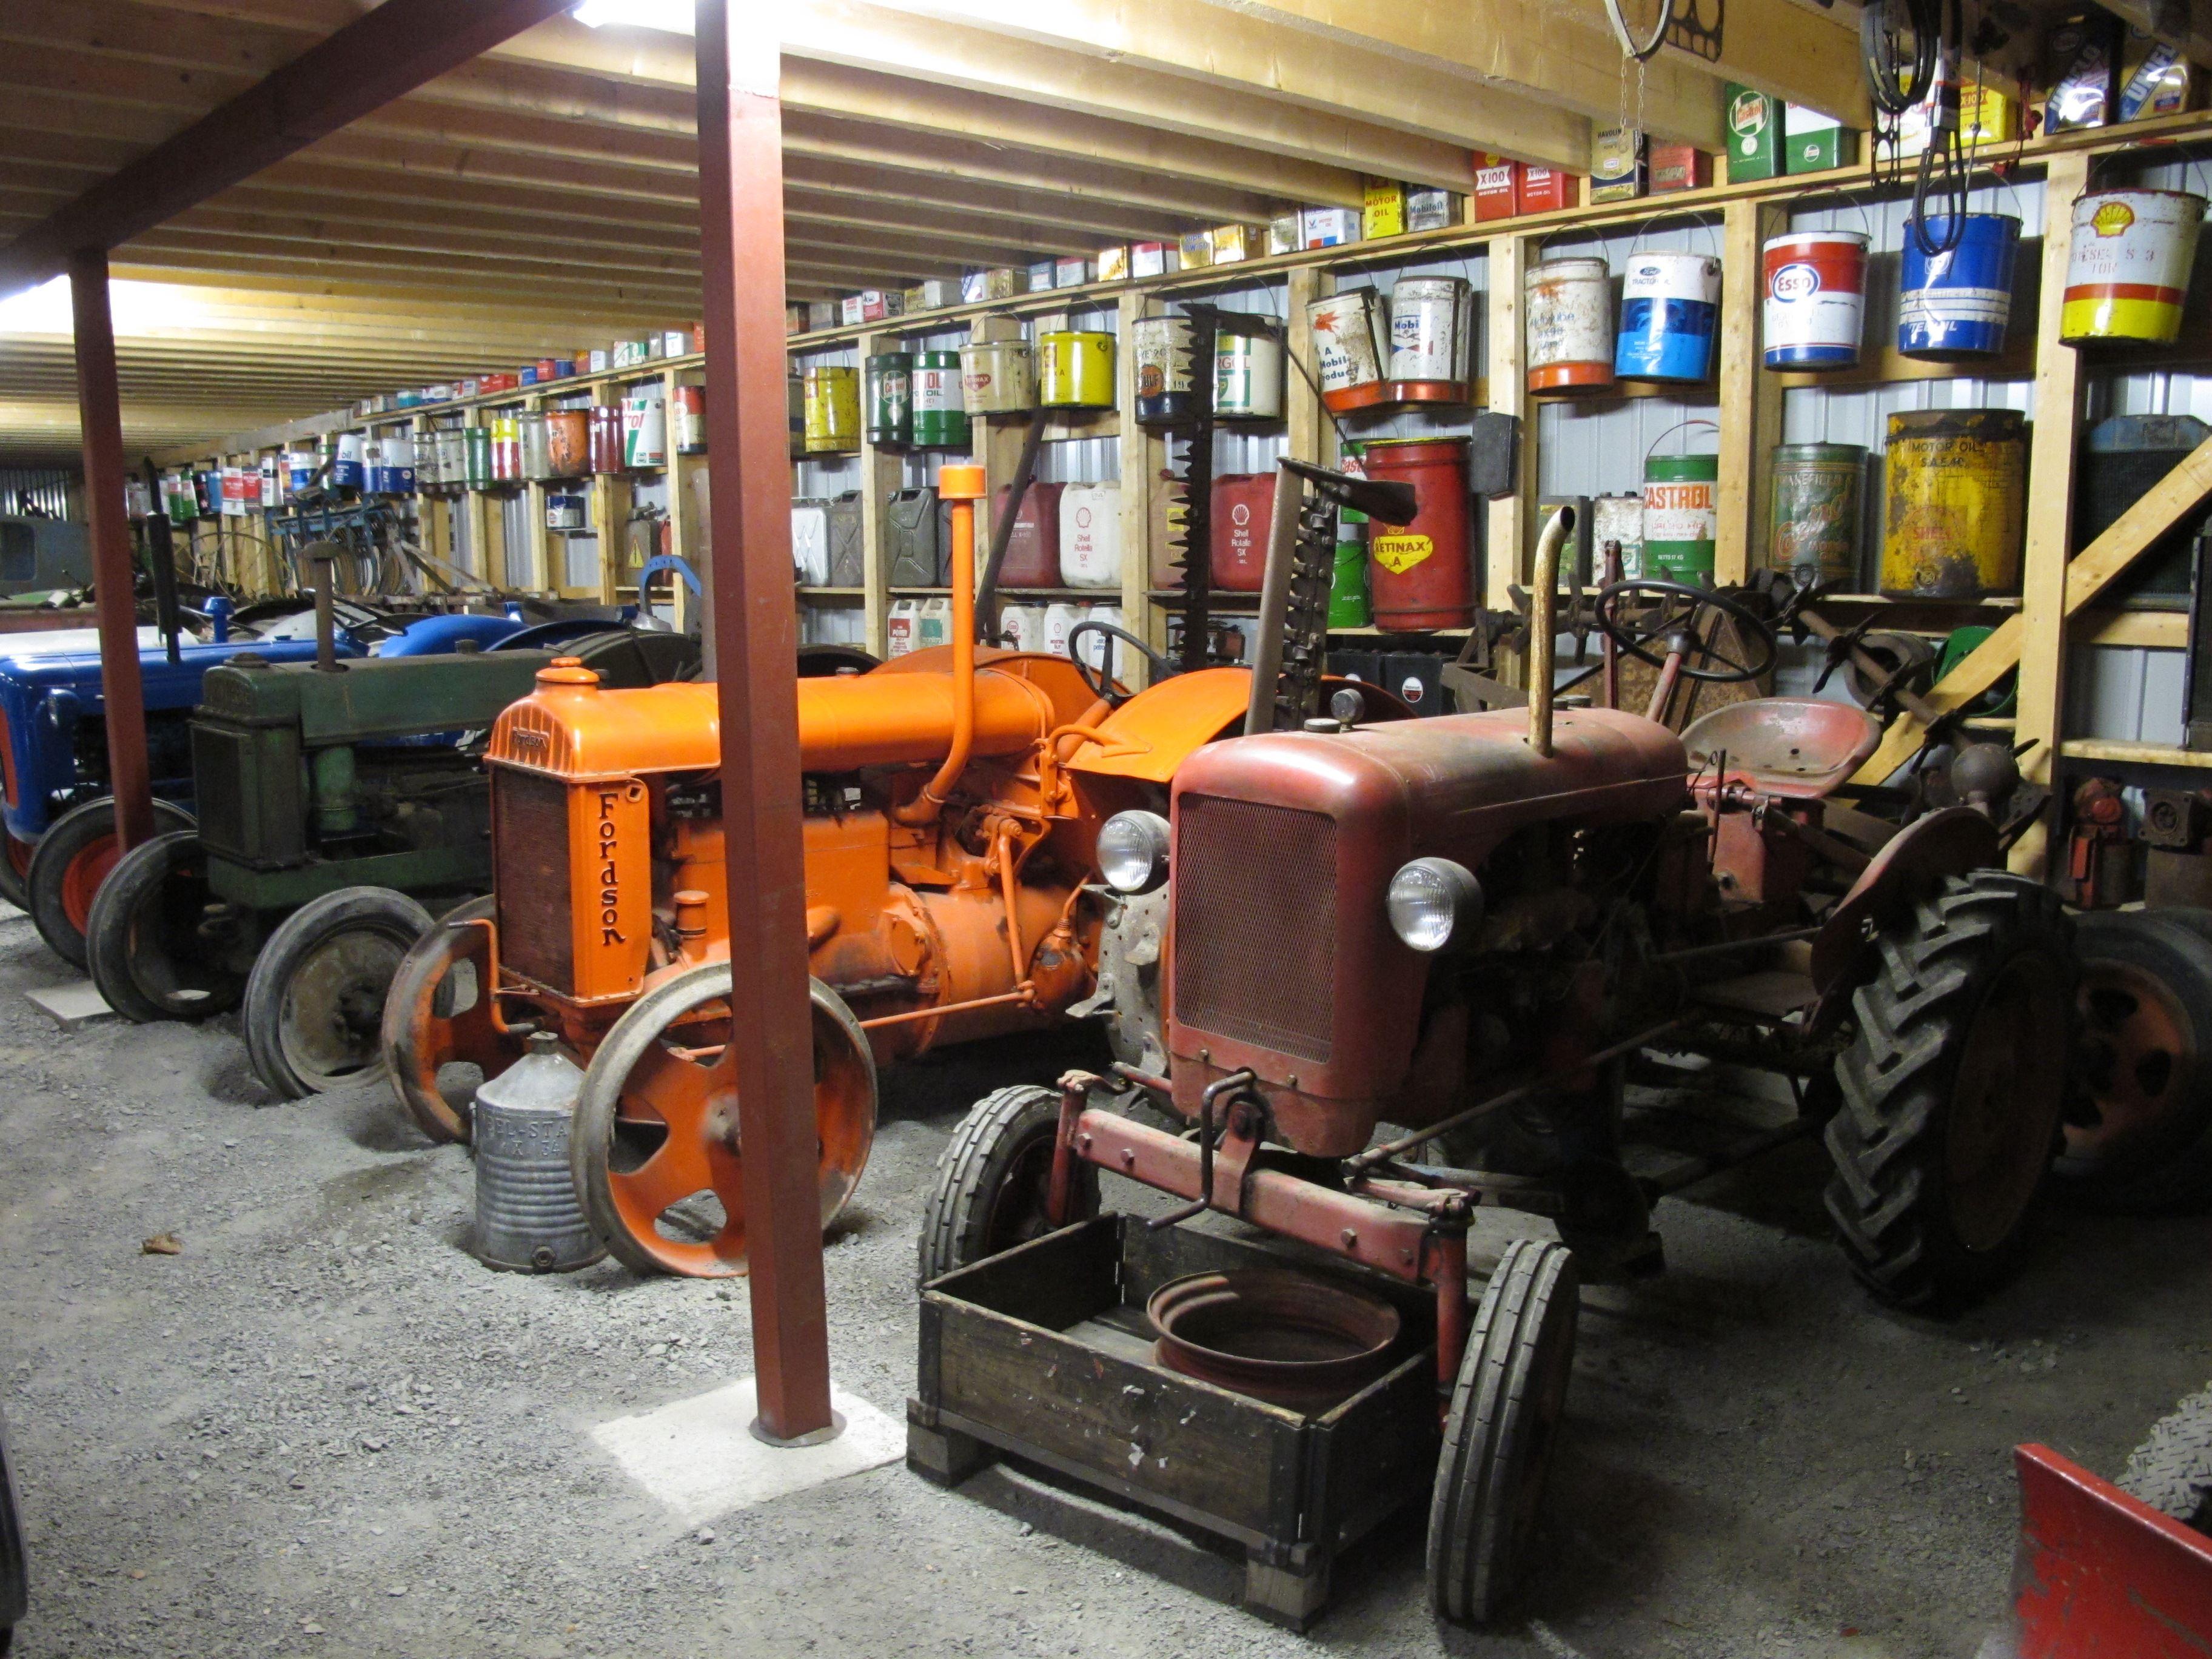 Lantbruksmuseet i Finbygränd, inträdesbiljett